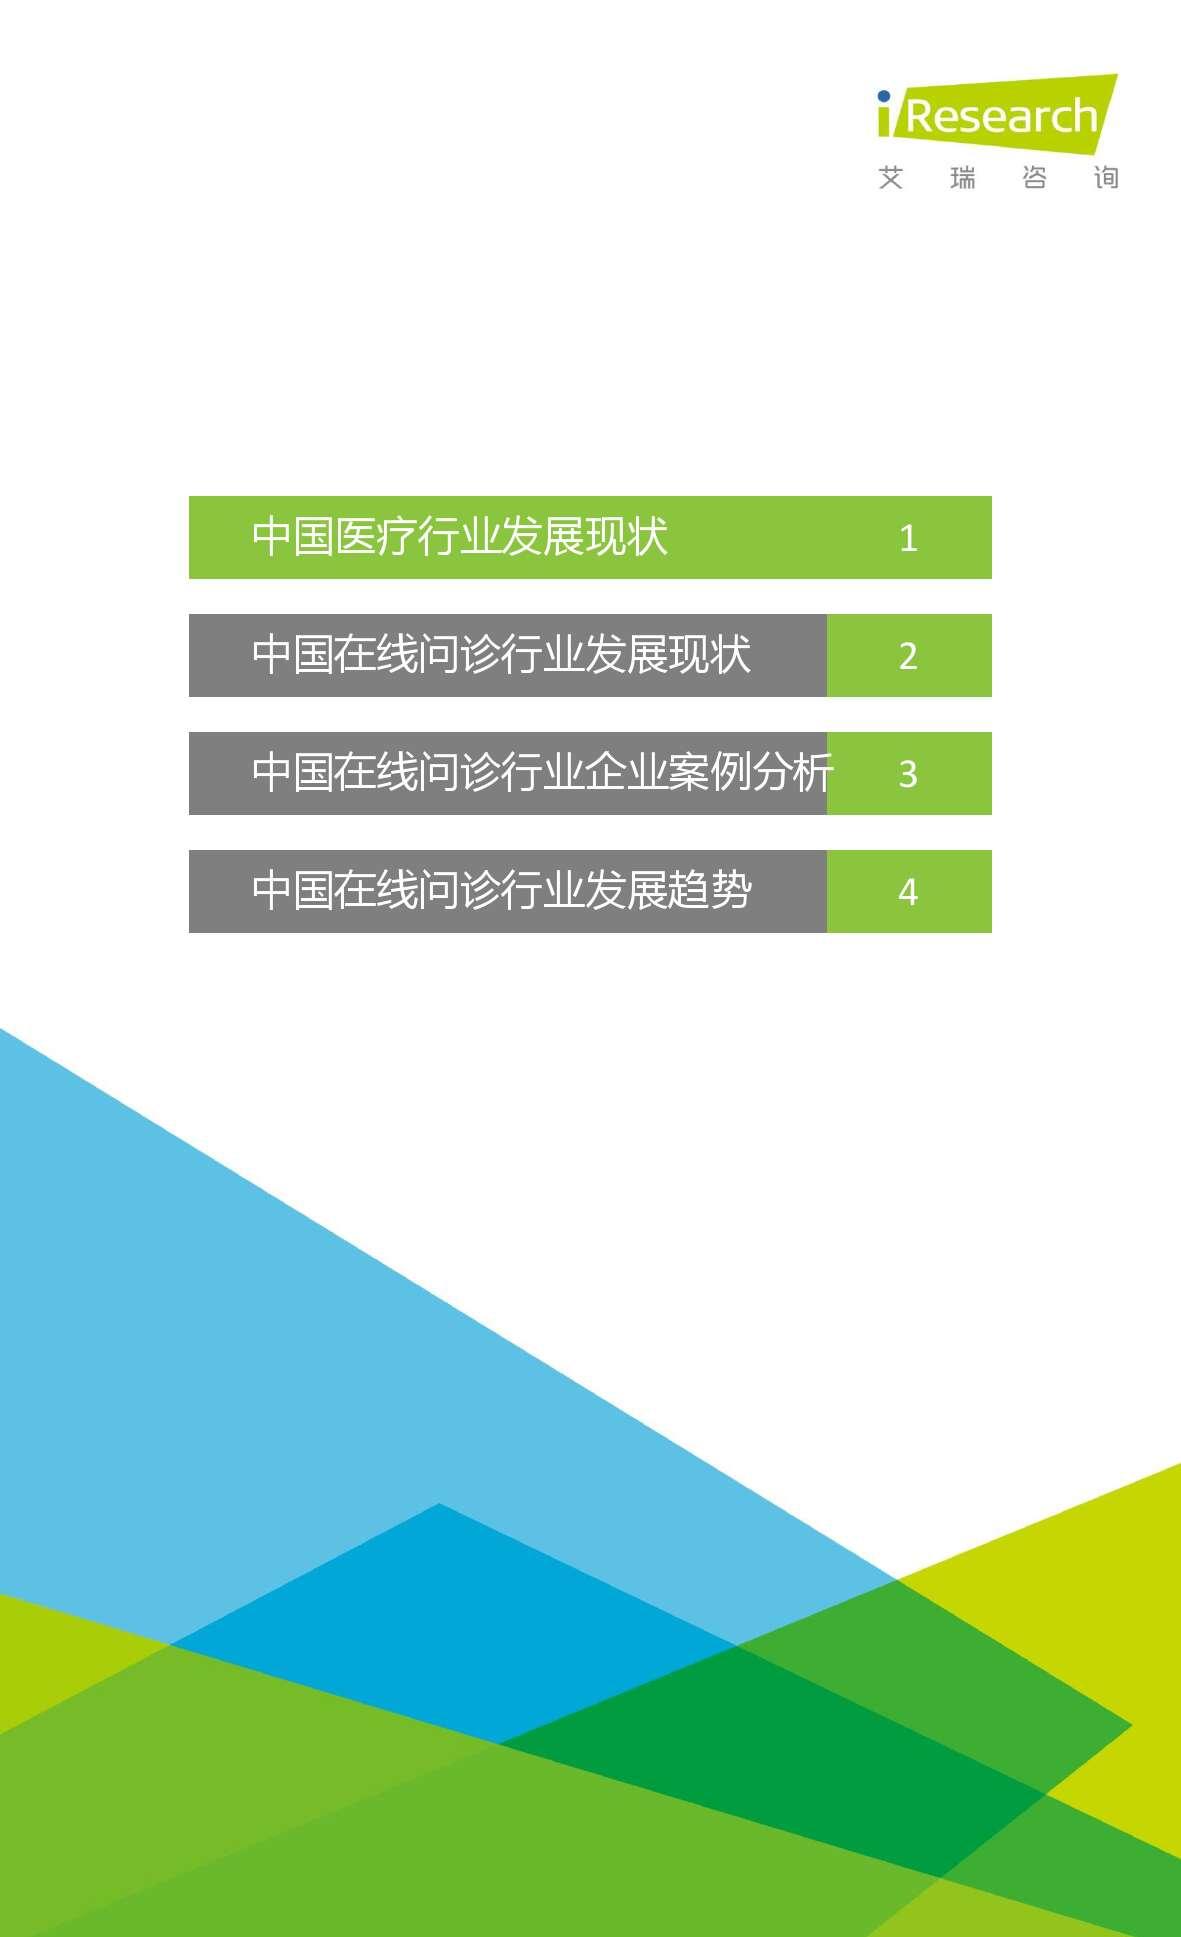 2015年中国在线问诊行业研究报告_000002